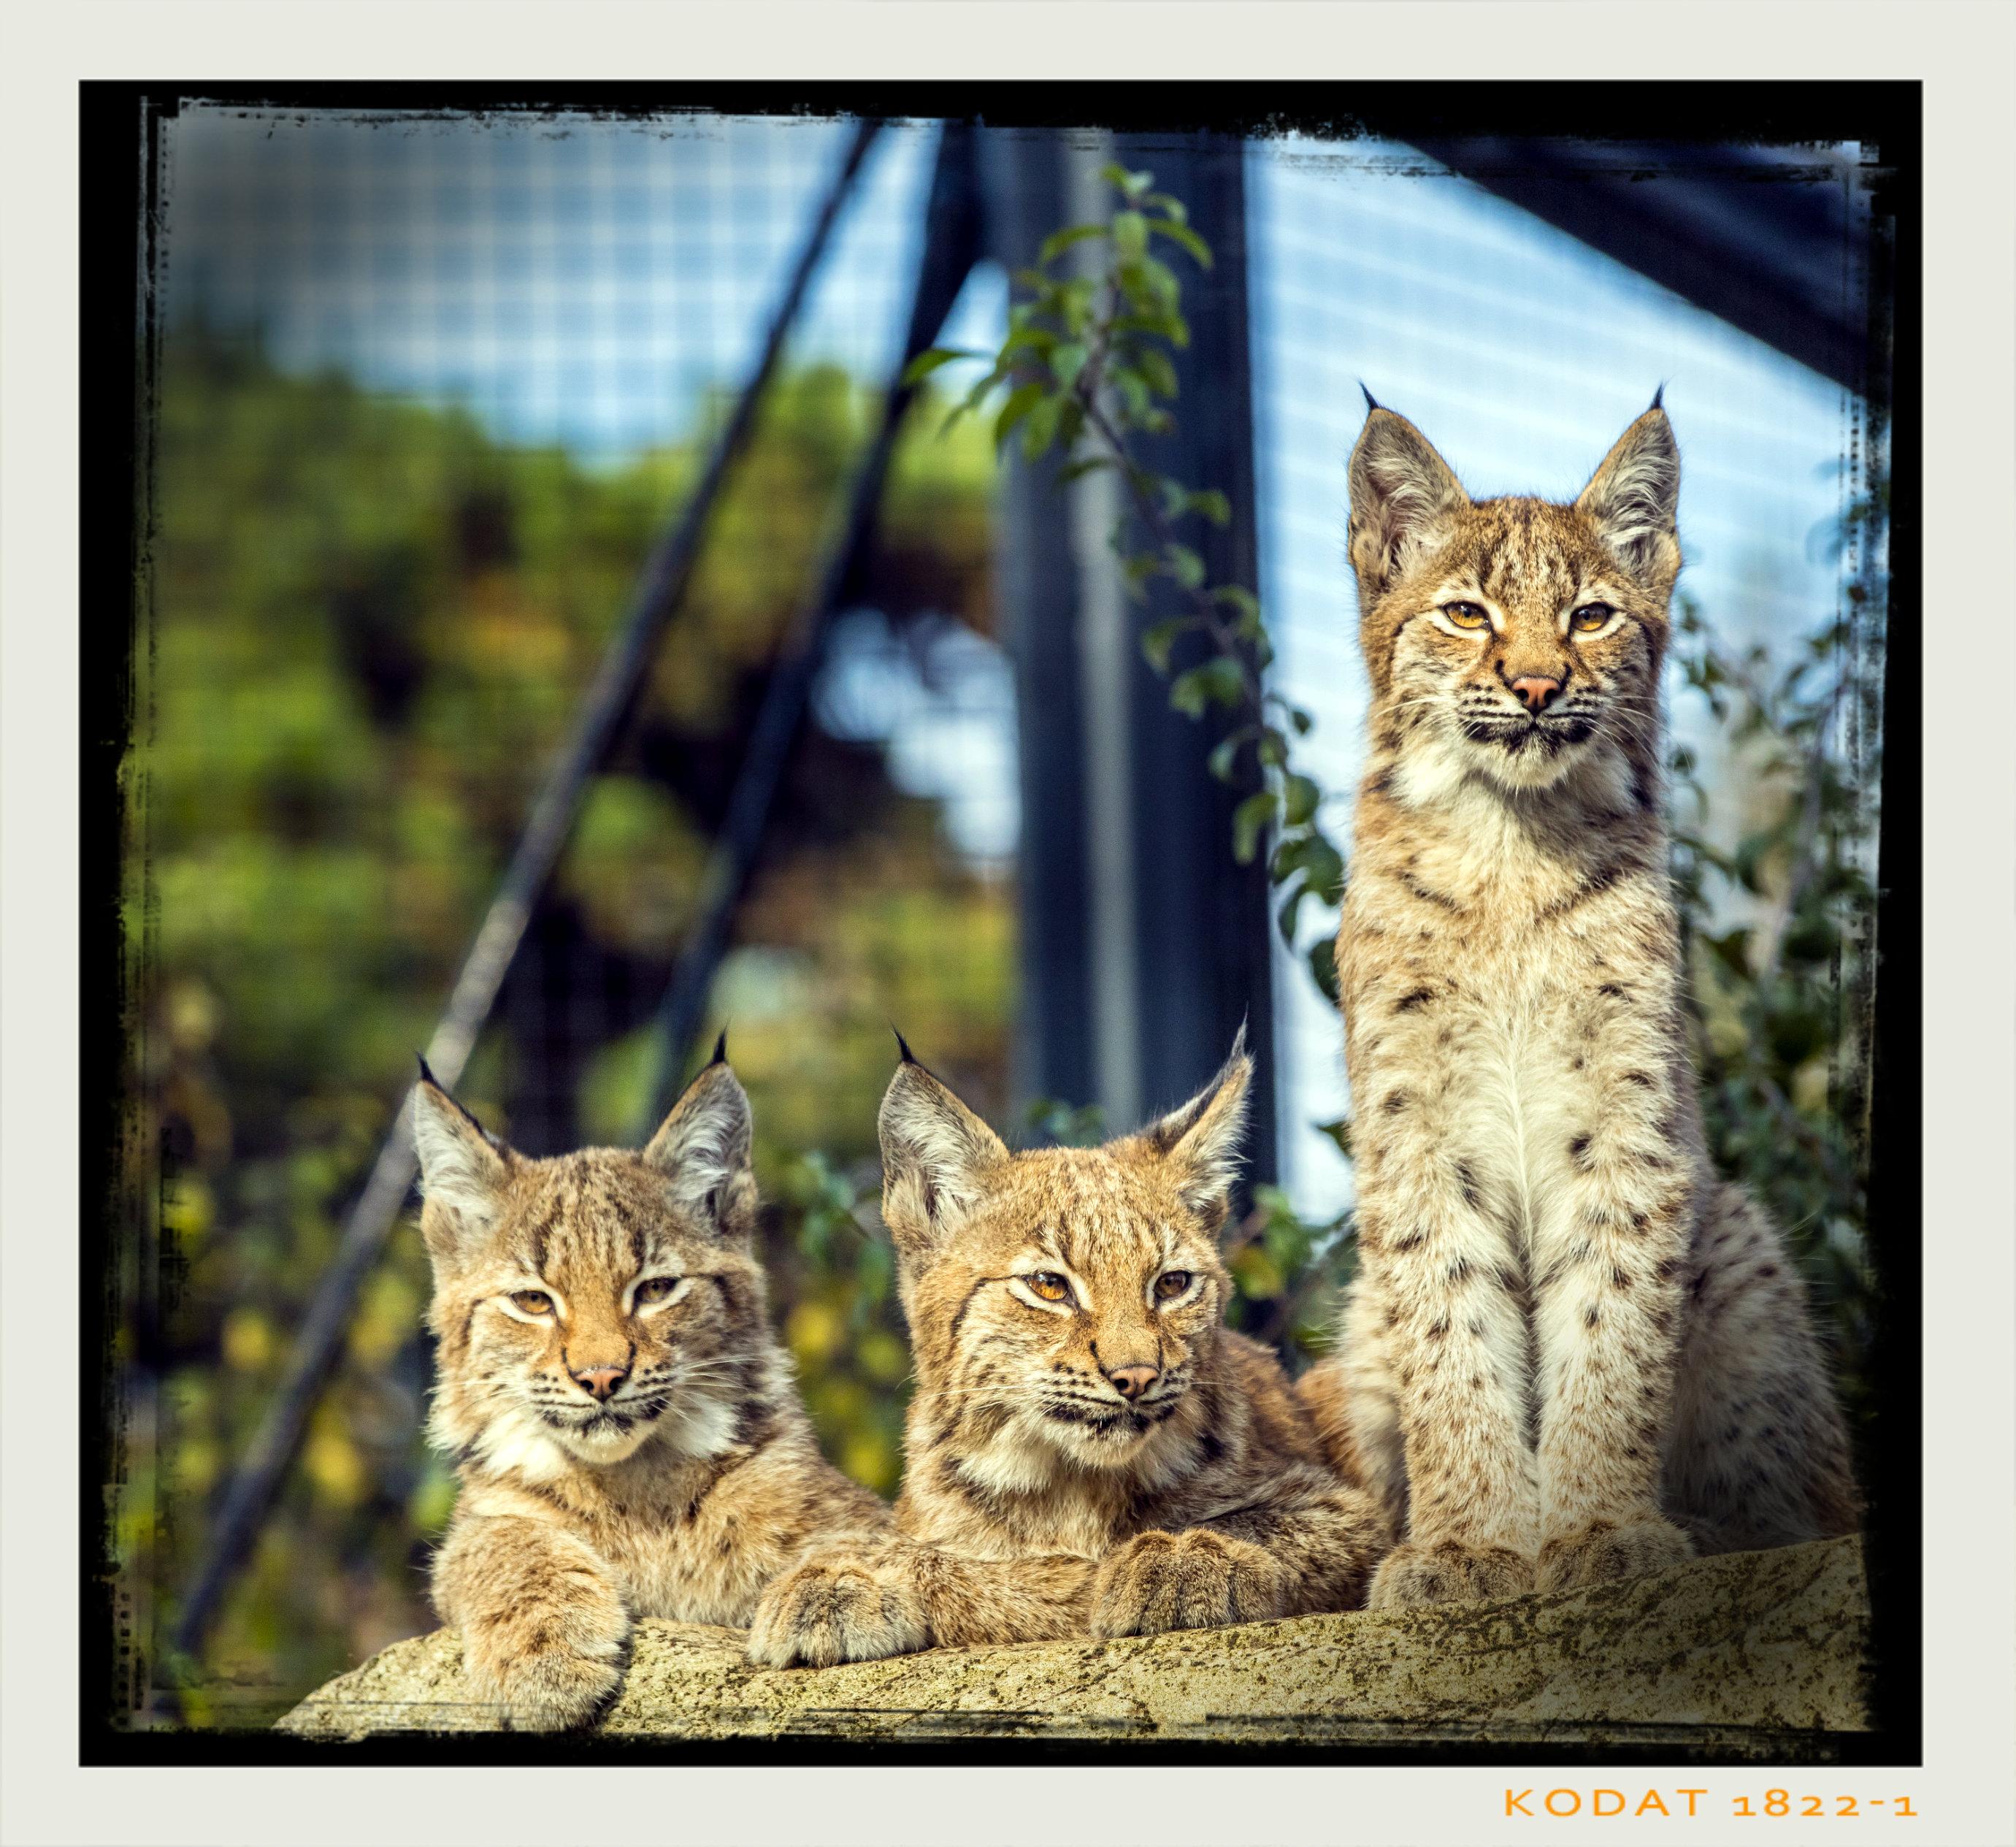 Les 3 petits lynx, au Parc zoologique de Paris. © Vincent Gire.